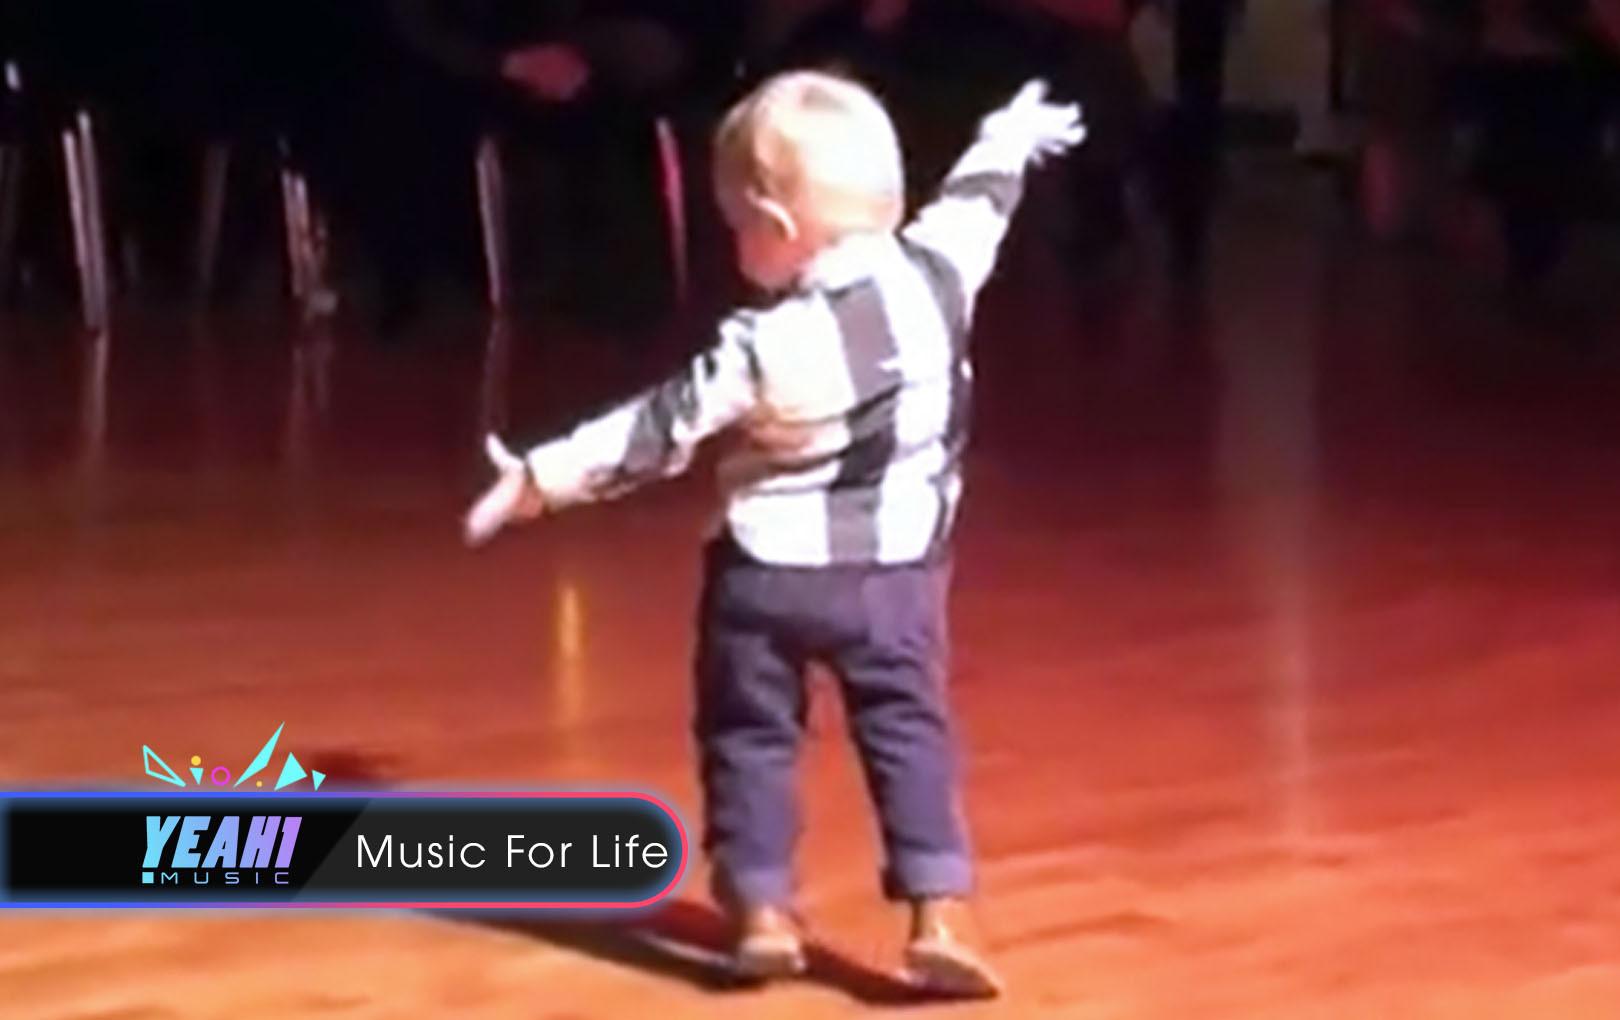 Cậu bé 2 tuổi bước ra sân khấu nhảy điệu Jive cực đáng yêu khiến khán giả vô cùng phấn khích